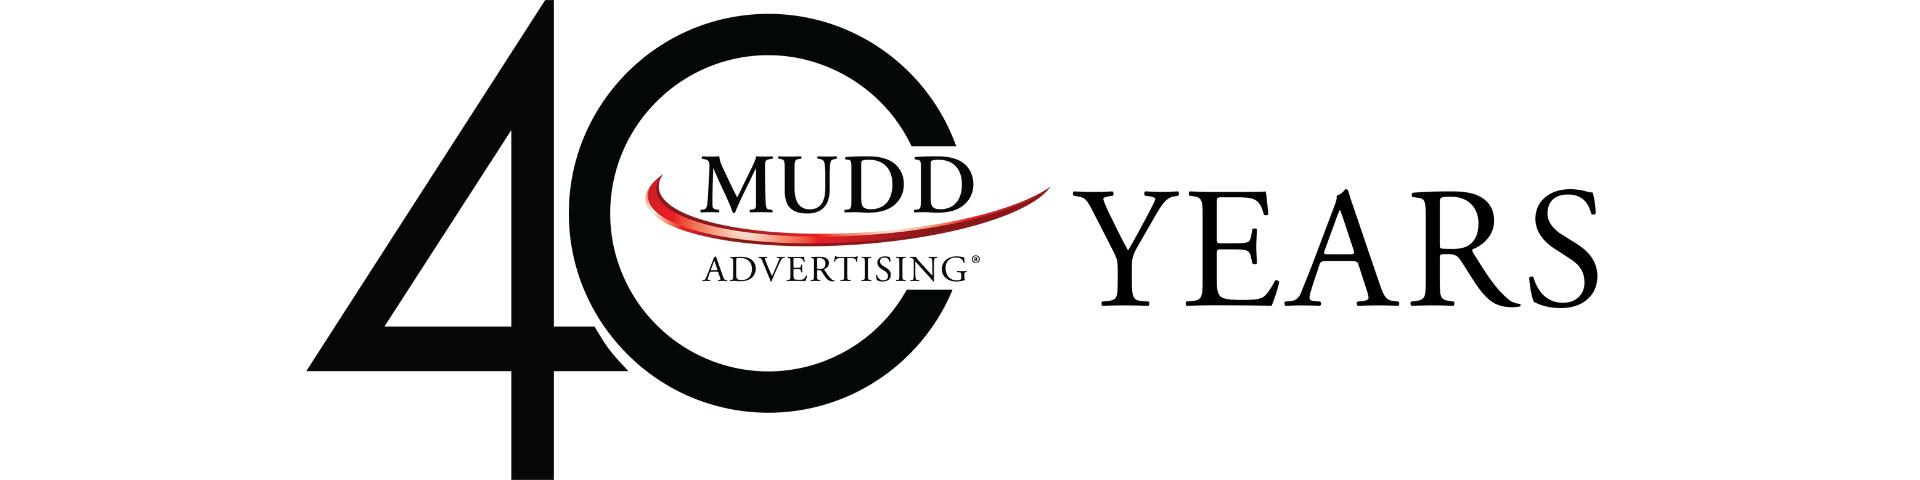 Mudd Advertising Celebrates 40-Year Anniversary